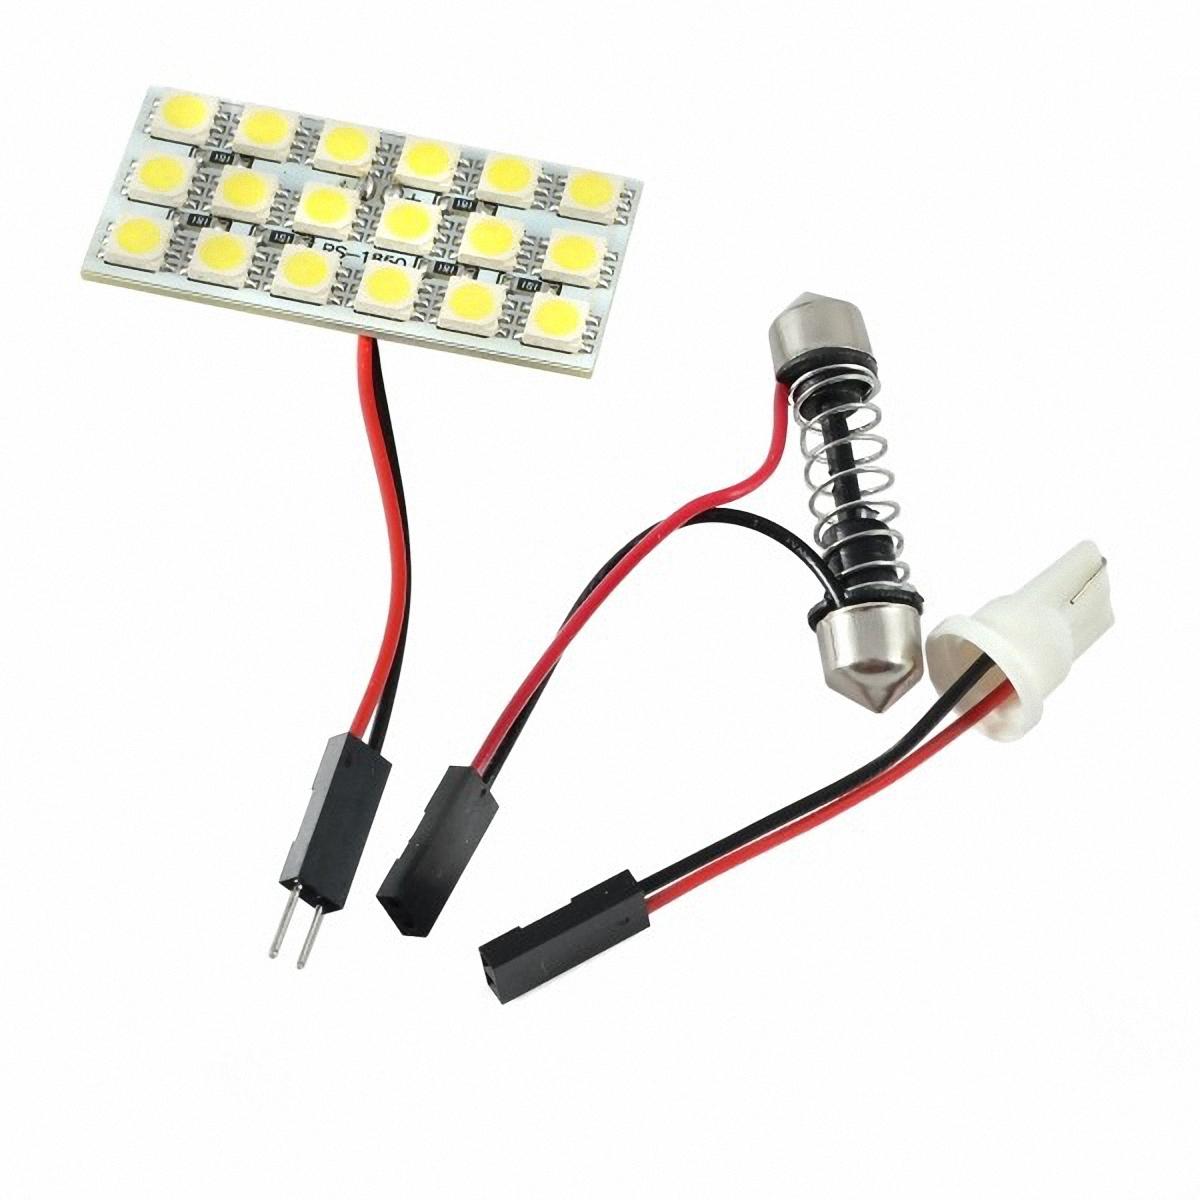 Skyway Панель светодиодная 18 SMD диодов Белая. SCX-1850SCX-1850Светодиодные панели имеют значительно больший срок службы, потребляют намного меньше электроэнергии и выдают свет значительно мягче и ровнее, чем те же люминесцентные лампы, не говоря уже о лампах накаливания.Они очень удобны, легко вставляются и достаточно практичны.